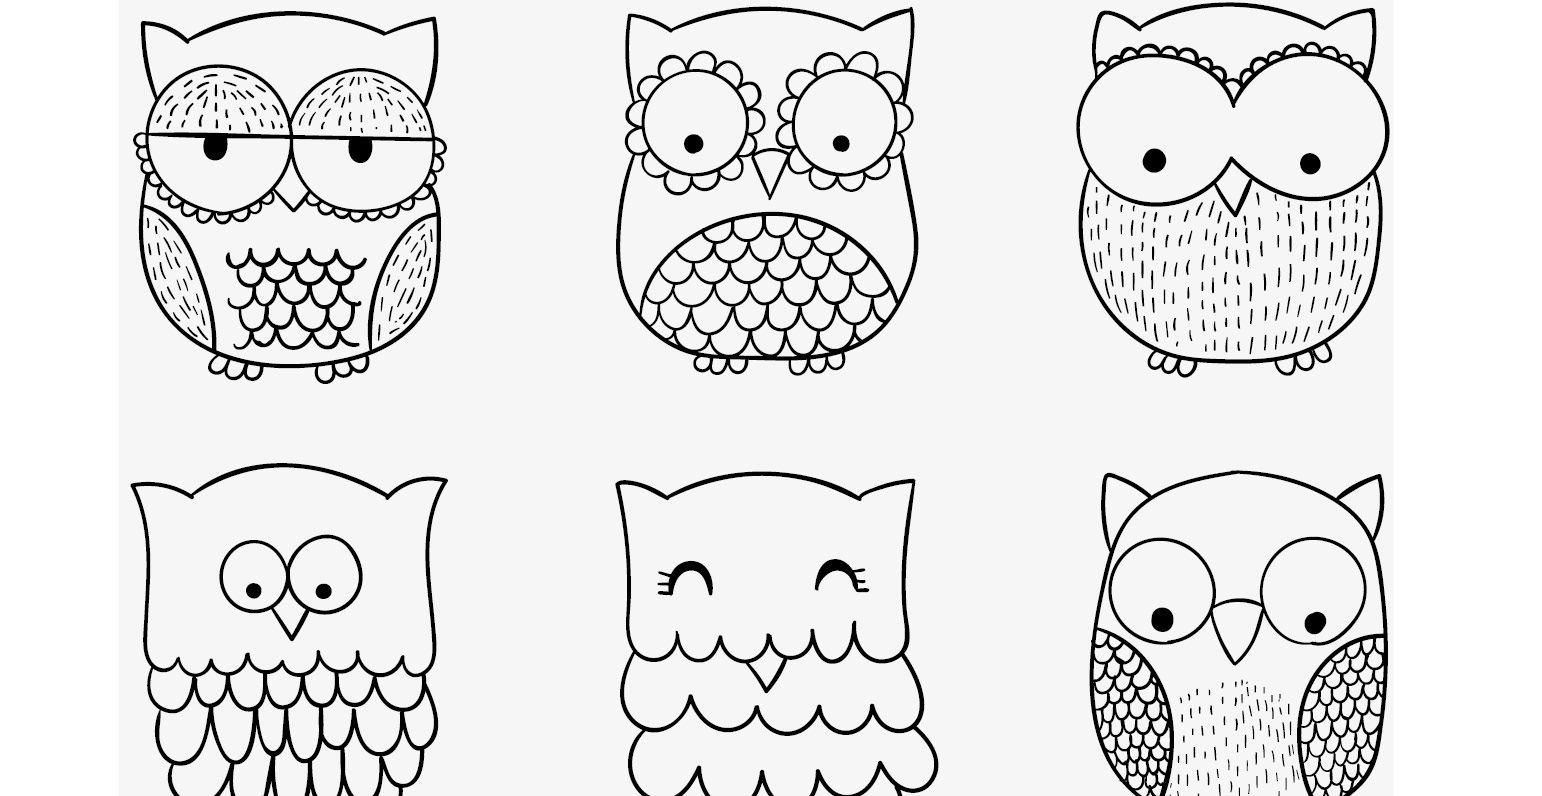 Coloriage gratuit dr les d 39 hiboux coloriages de hiboux pour adulte owl adult coloring pages - Coloriage de hibou ...